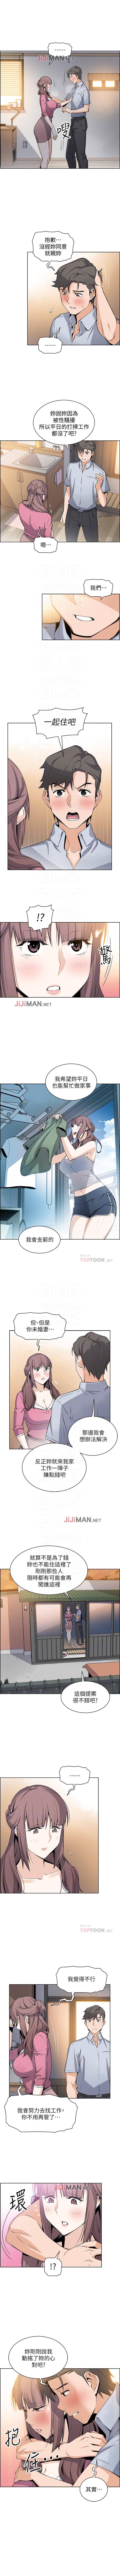 【周四连载】前女友变女佣(作者:PAPER&頸枕) 第1~33话 162